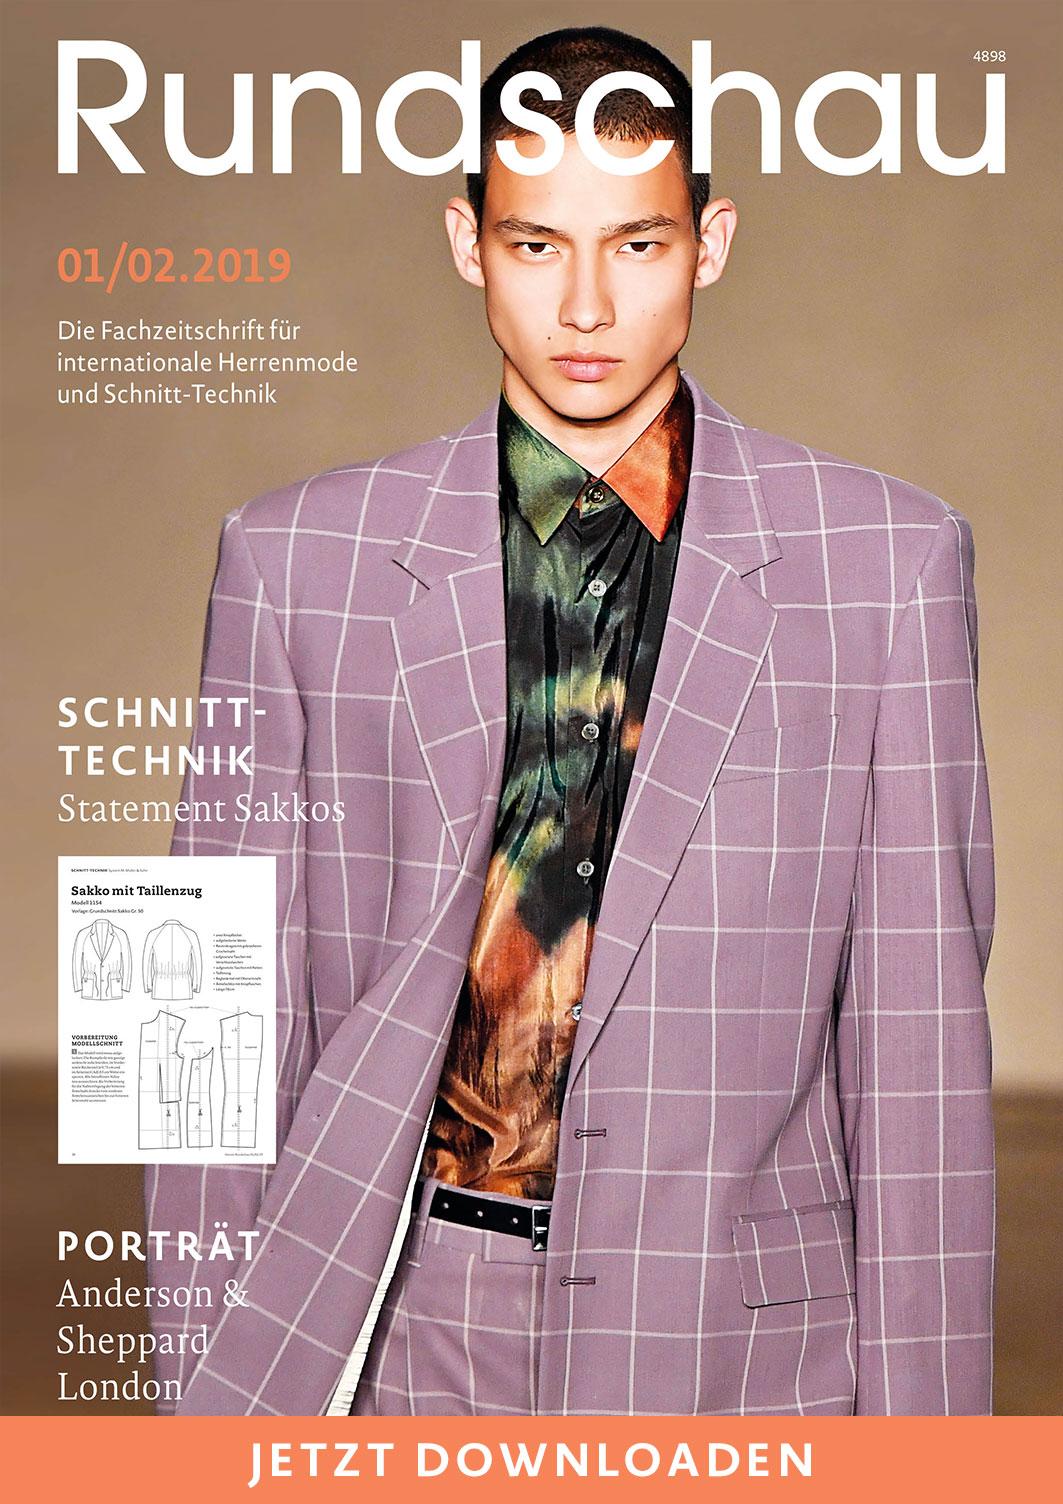 Rundschau für Internationale Herrenmode und Schnitt-Technik 1/2.2019